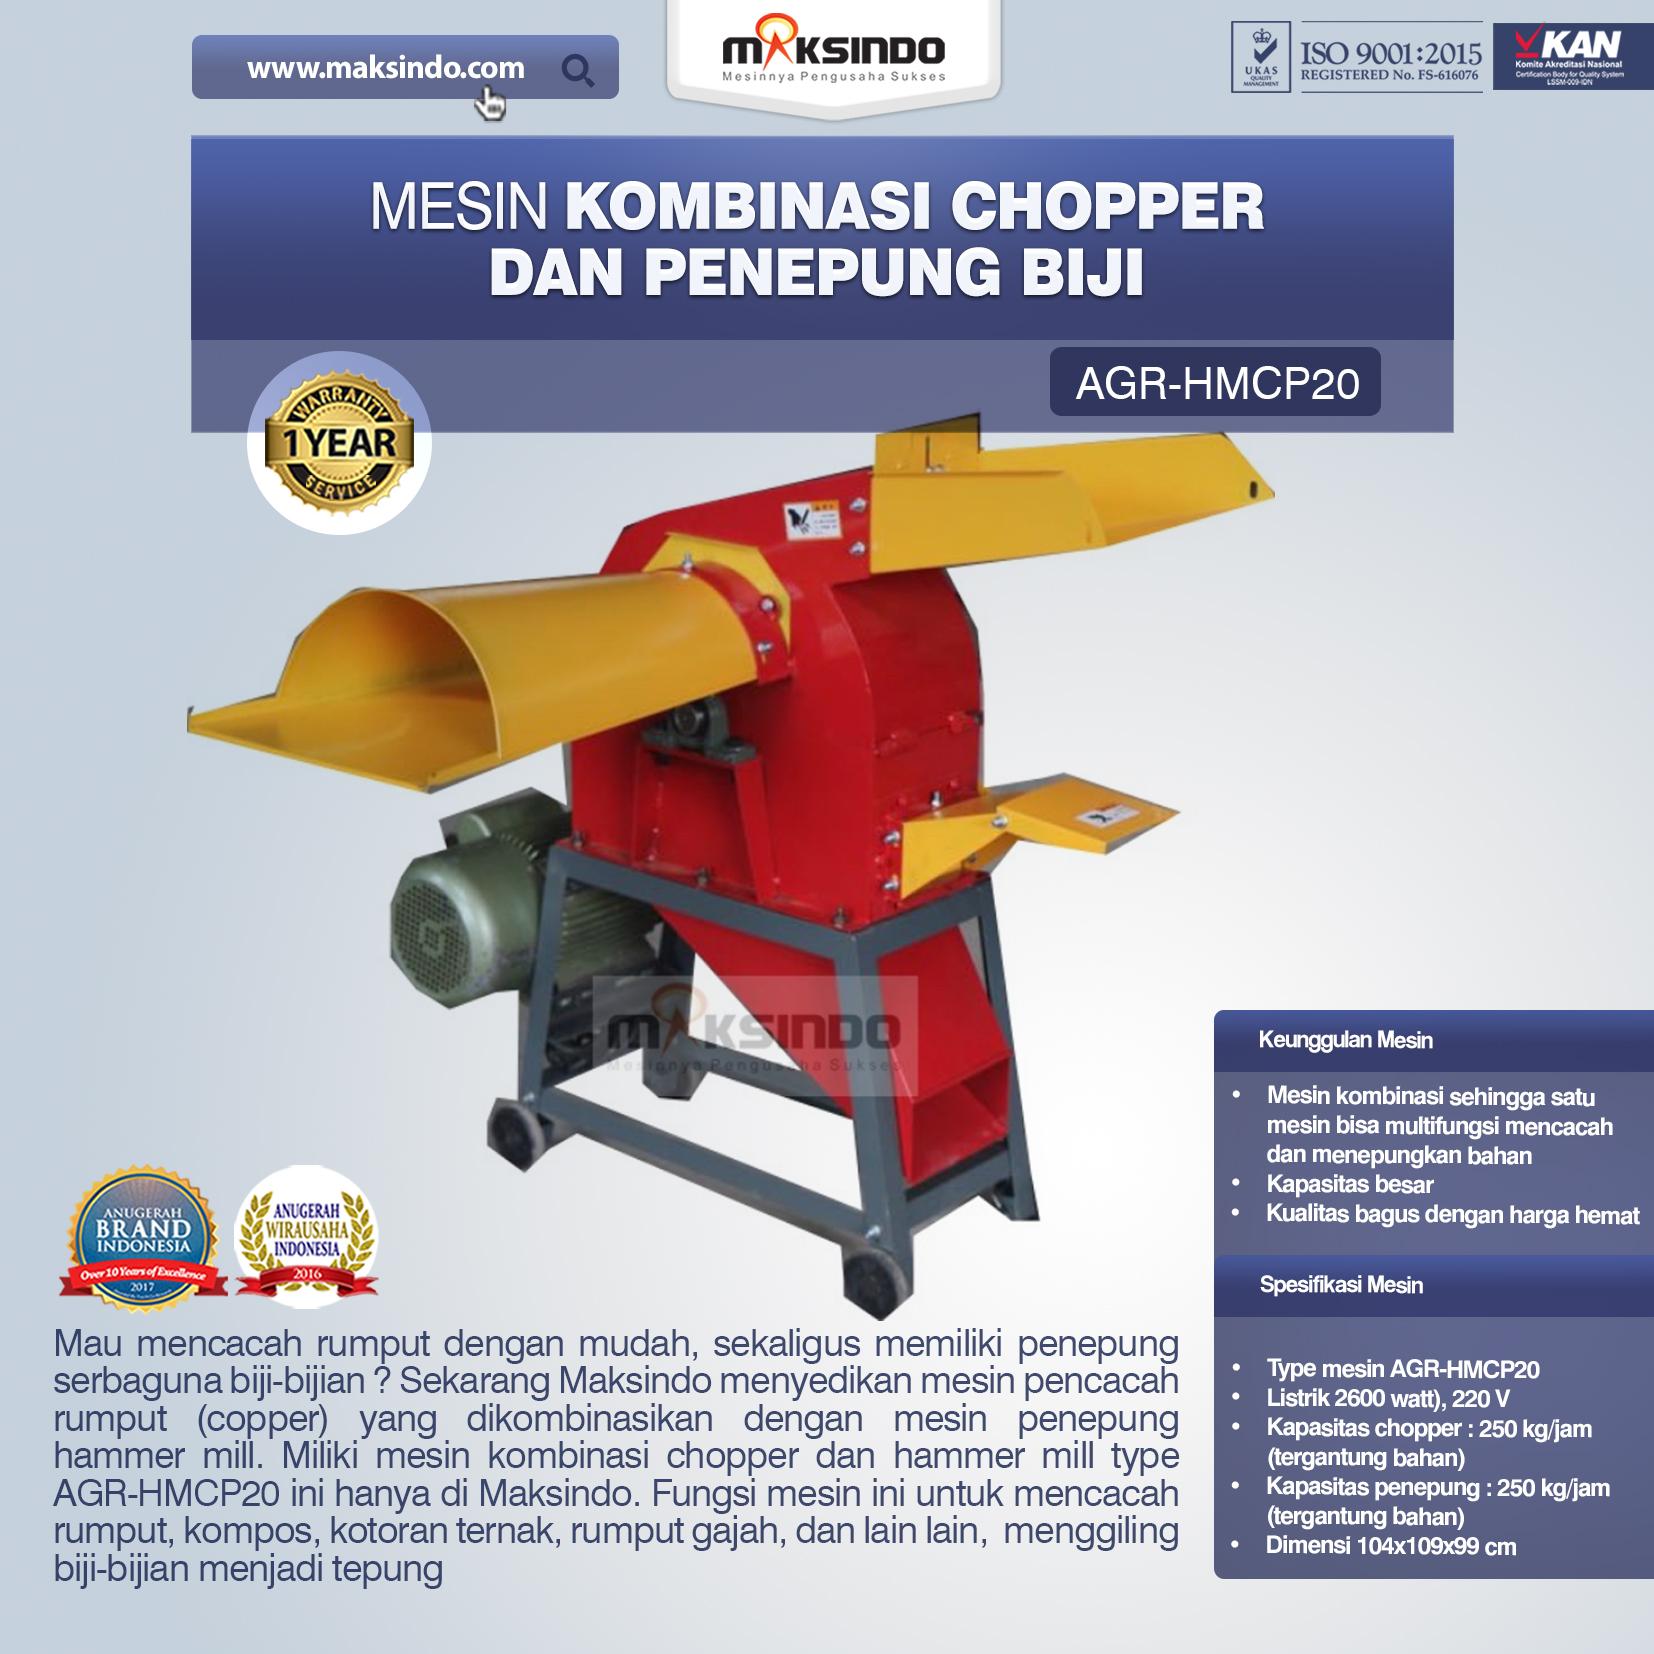 Jual Mesin Kombinasi Chopper dan Penepung Biji (HMCP20) di Bali